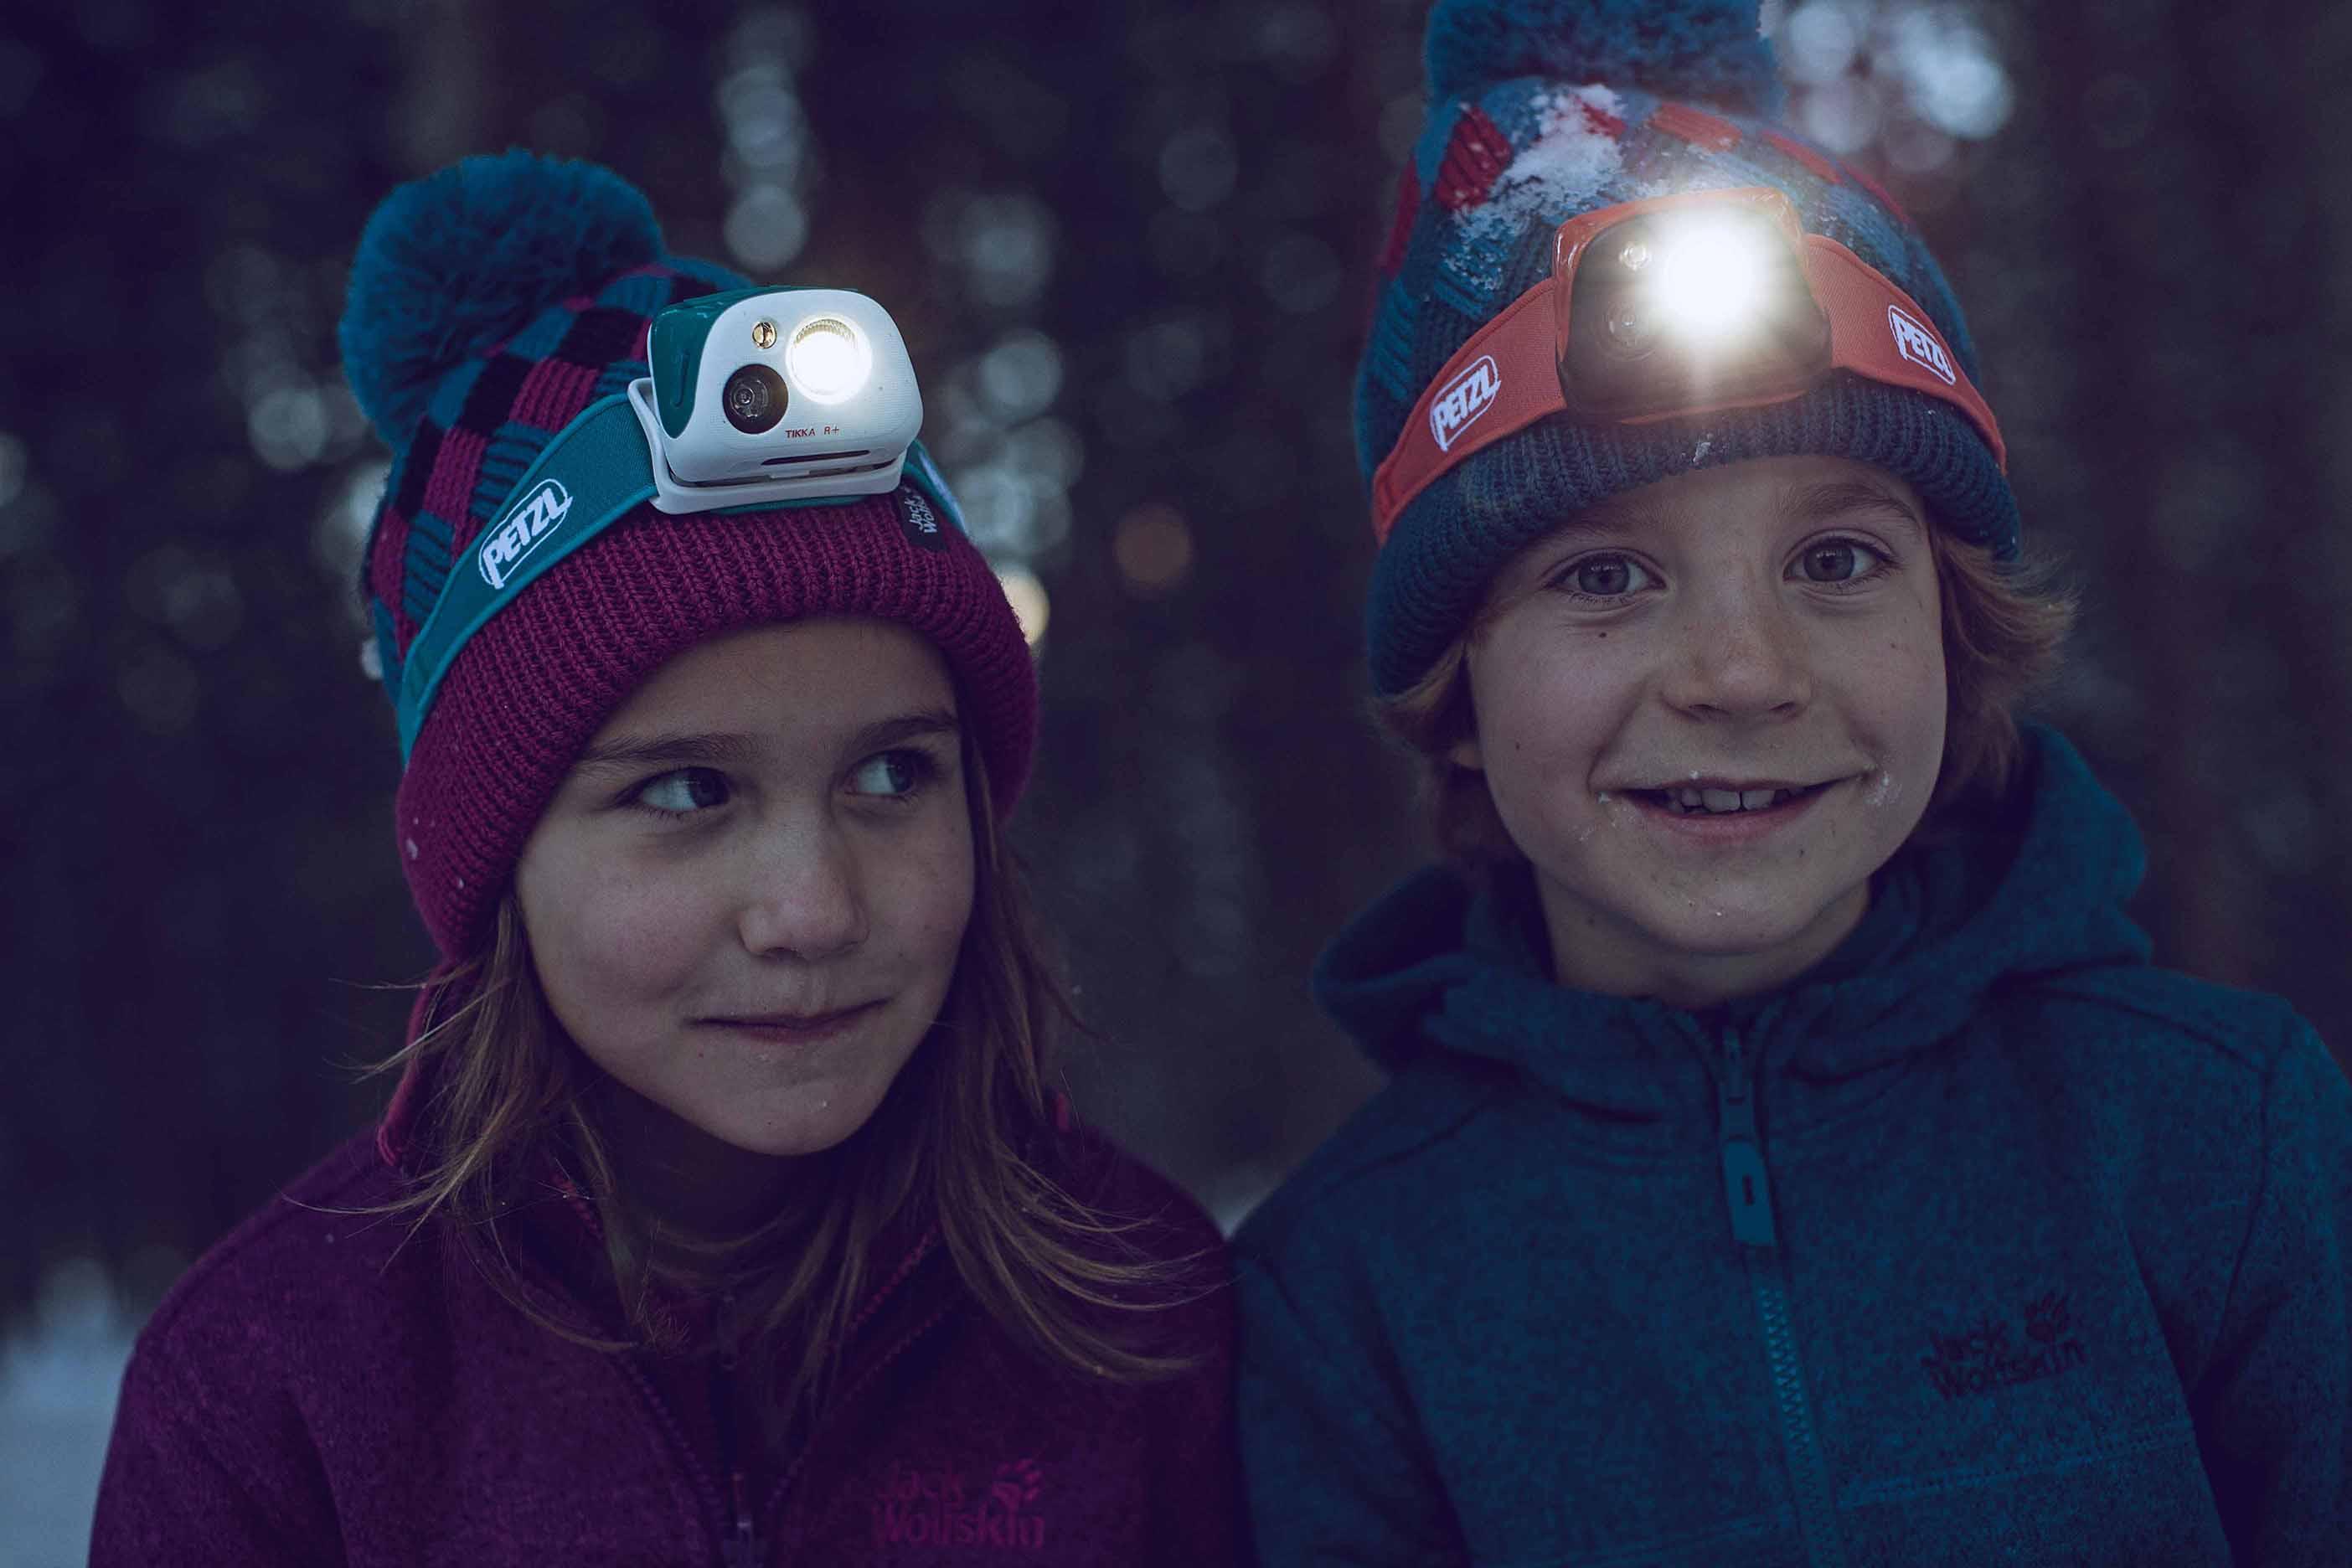 Jack Wolfskin - Katalog Shooting / Kinder & Jugendliche